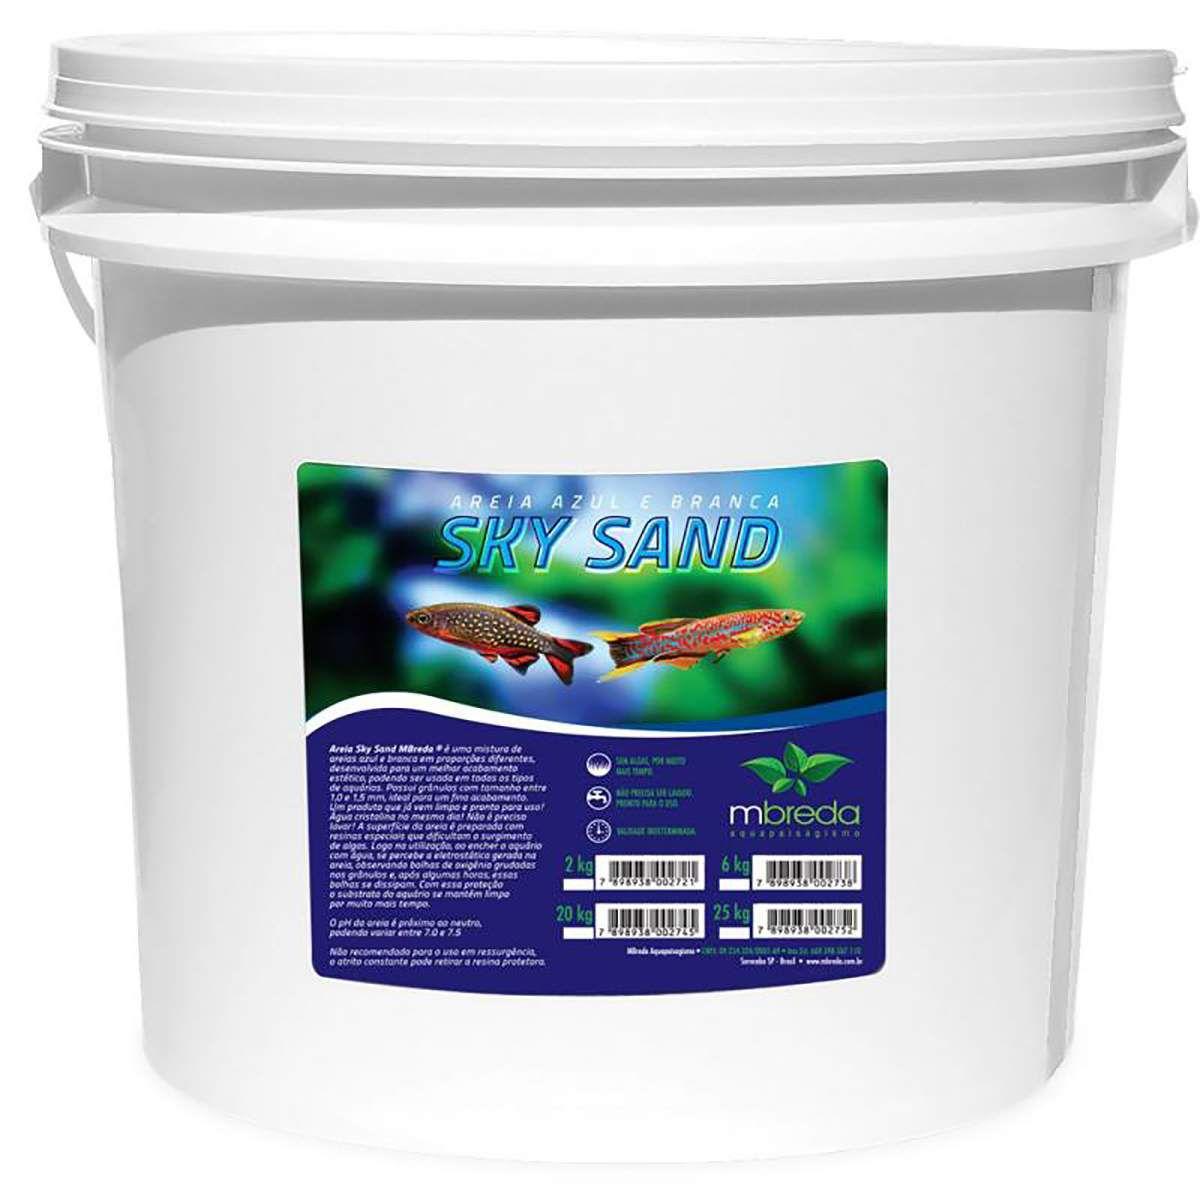 Mbreda Sky Sand Balde 25kg Areia Branca e Azul para Aquários